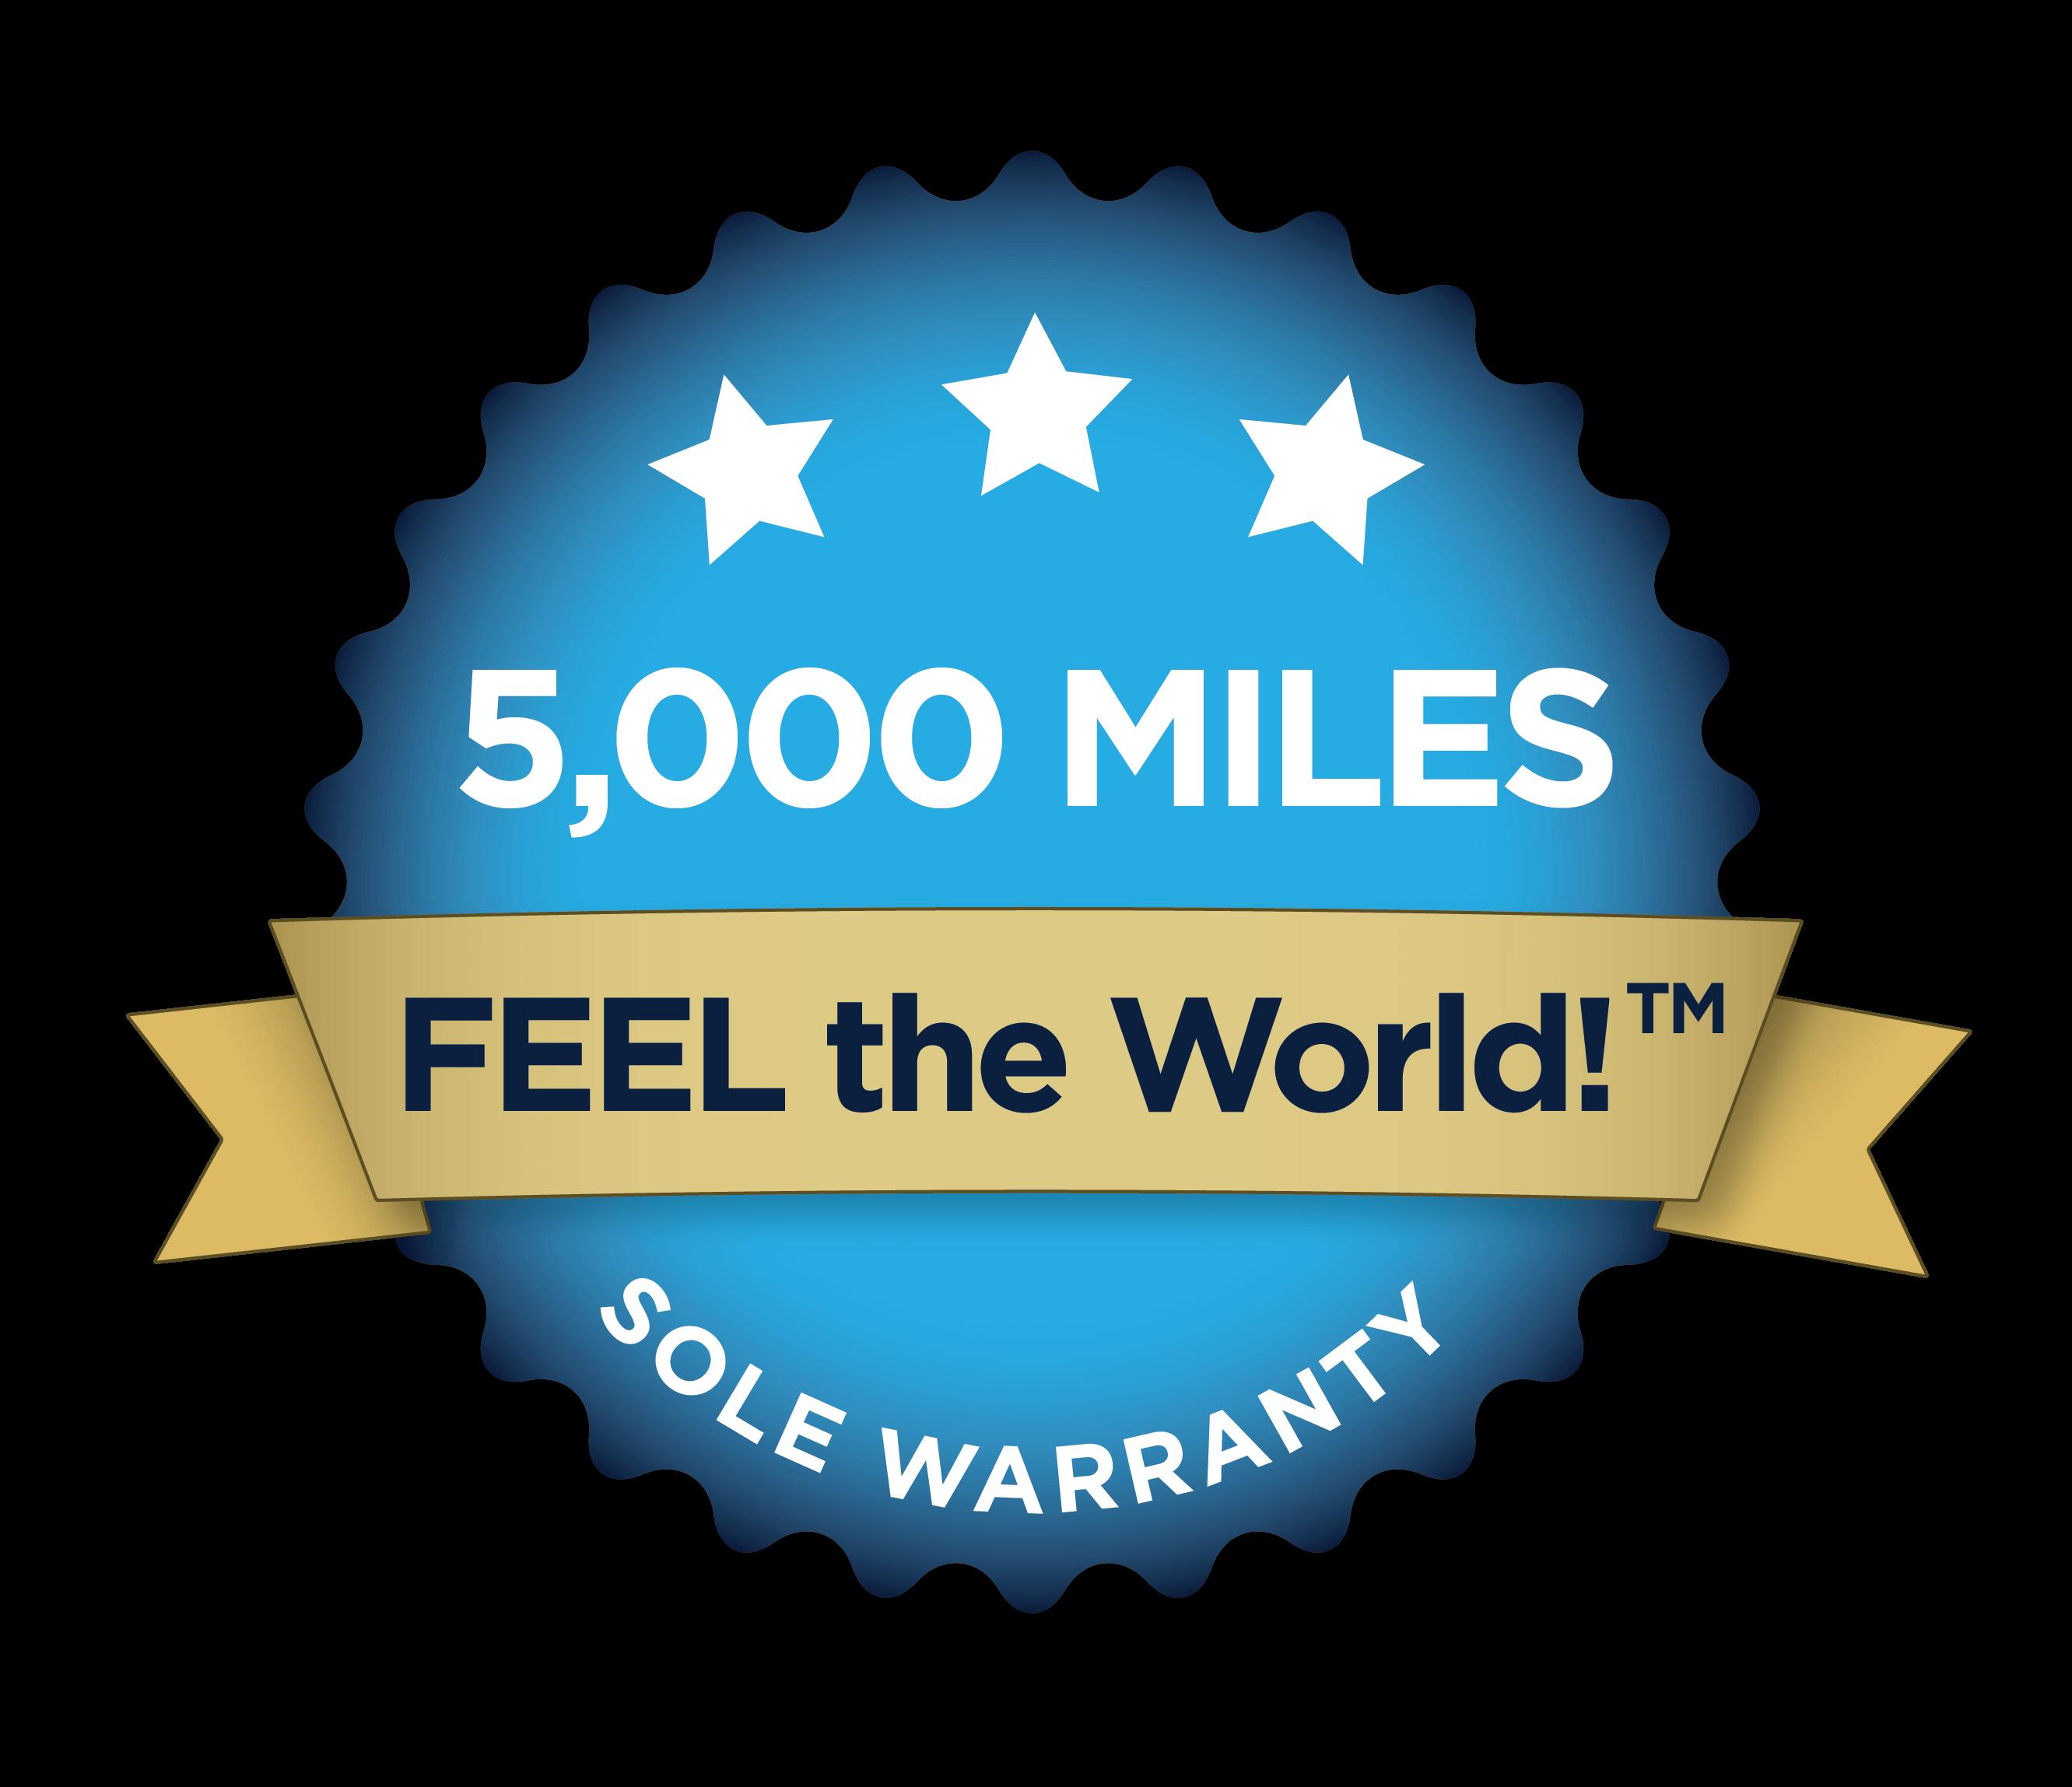 5000 Mile Sole Warranty